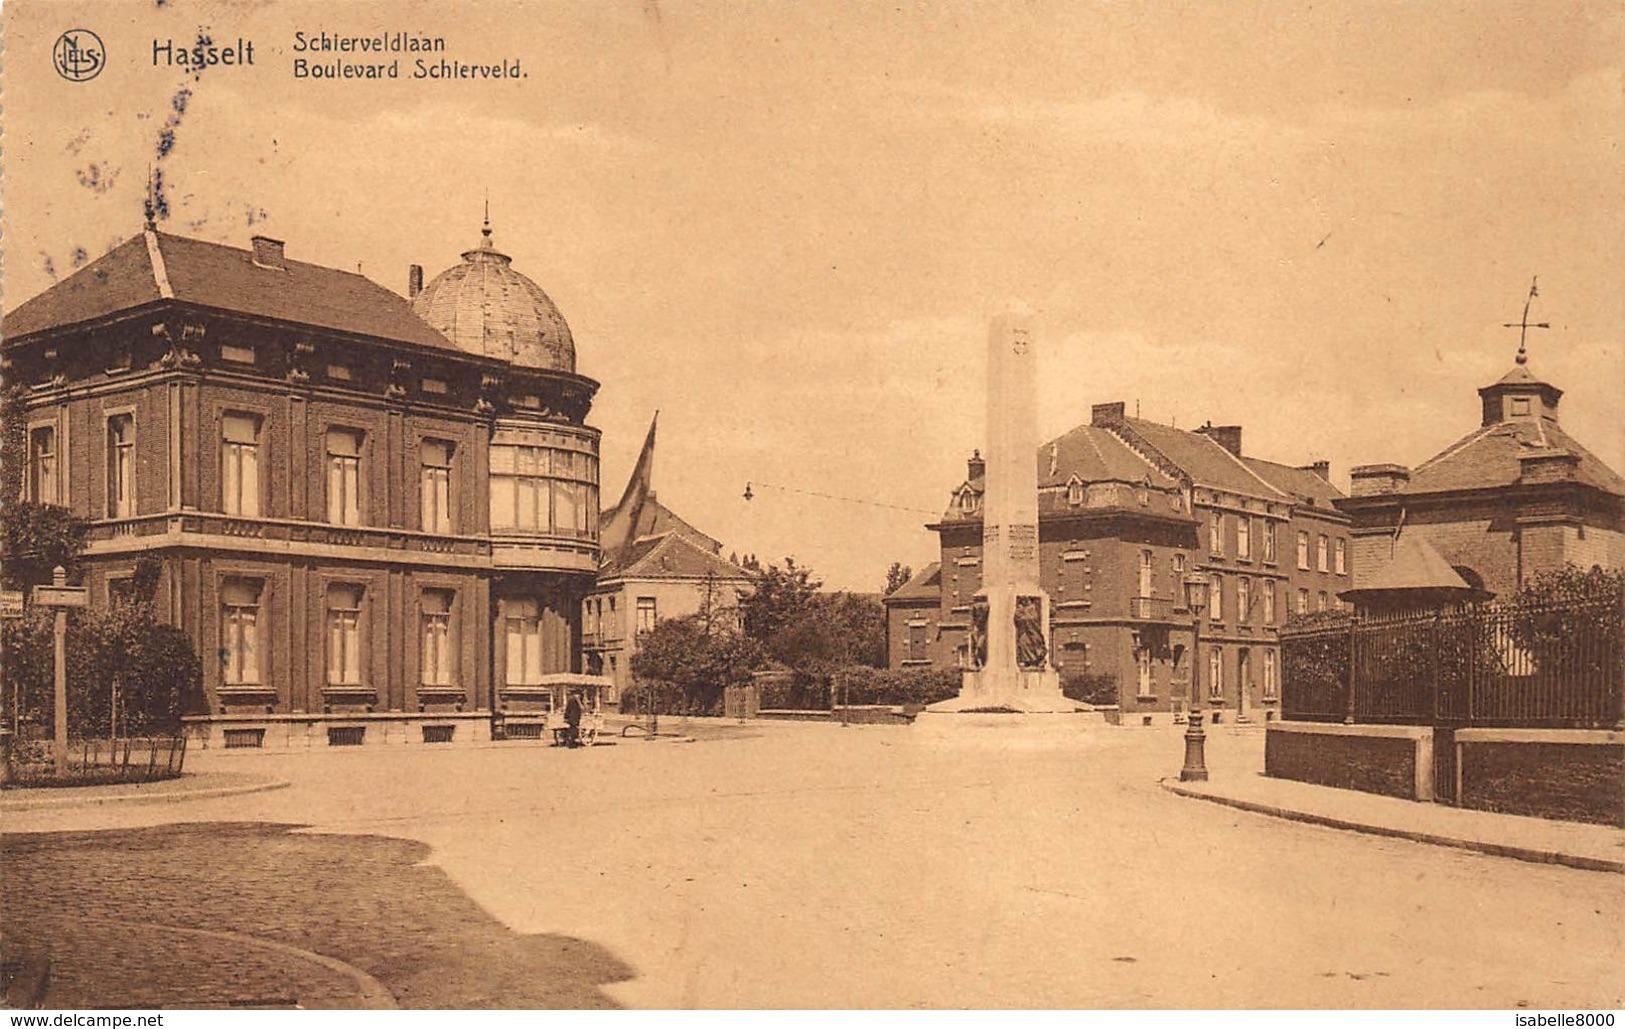 Hasselt   Schierveldlaan  Boulevard Schierveld         I 2620 - Hasselt